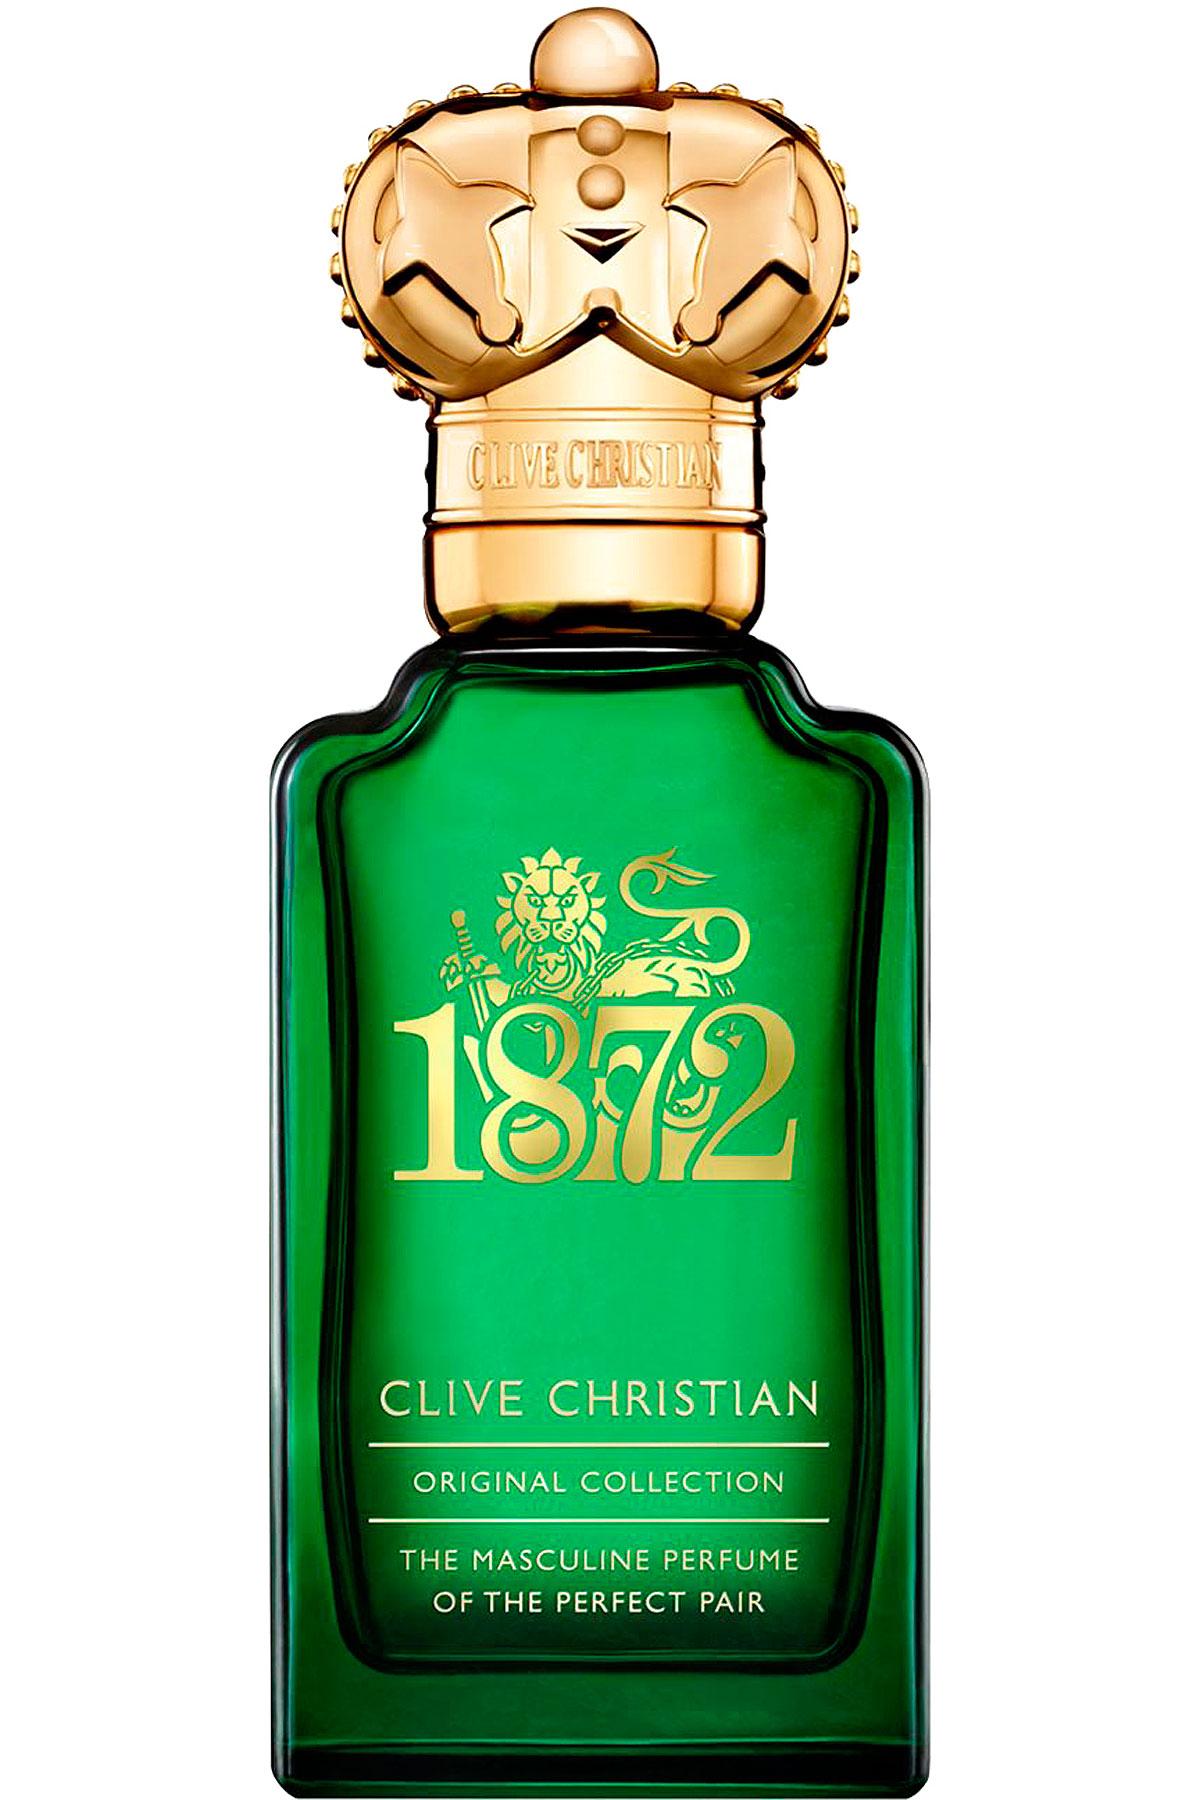 Clive Christian Fragrances for Men, 1872 Masculine - Eau De Parfum - 50 Ml, 2019, 50 ml